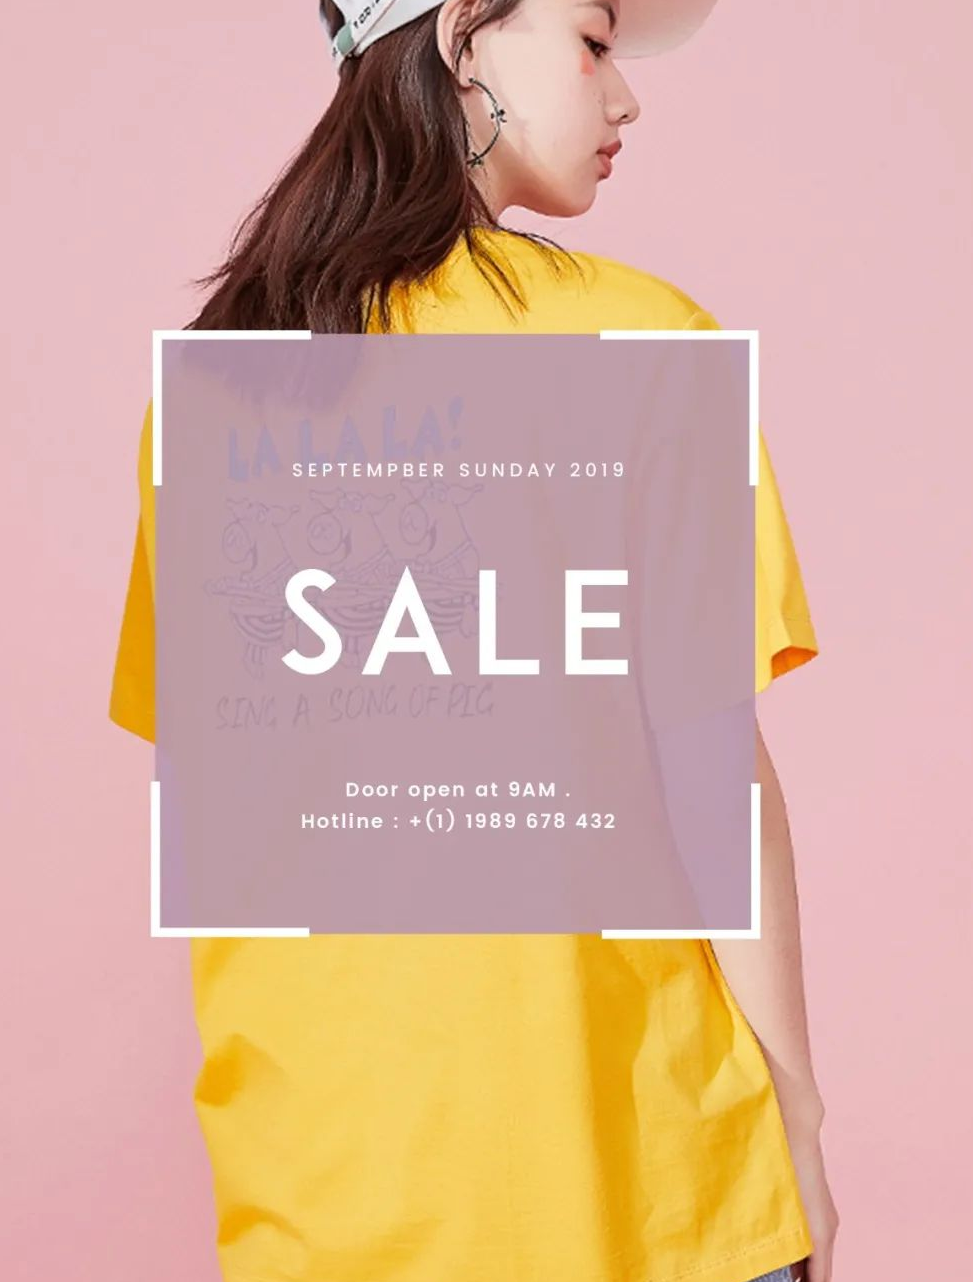 优秀服装促销海报案例分享 看看服装促销海报能有多出彩